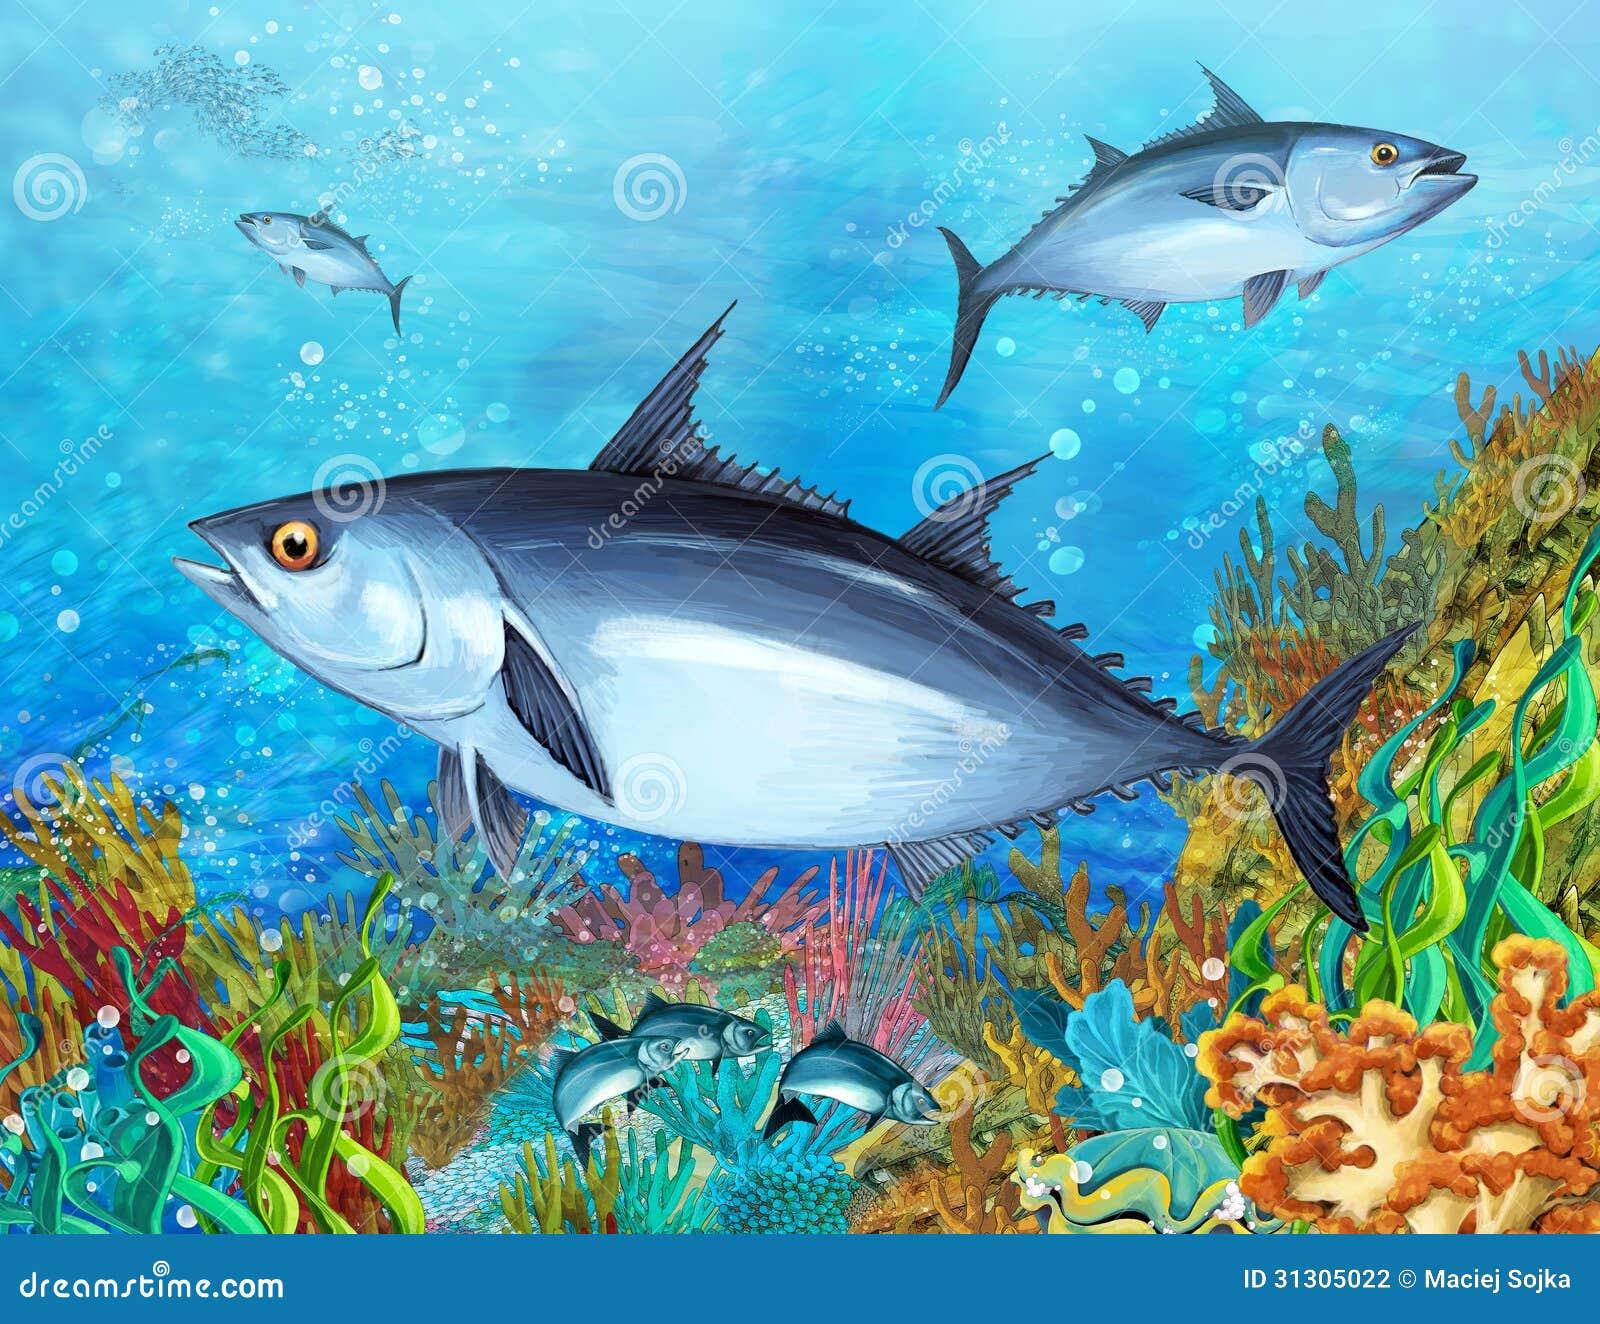 La barriera corallina - illustrazione per i bambini